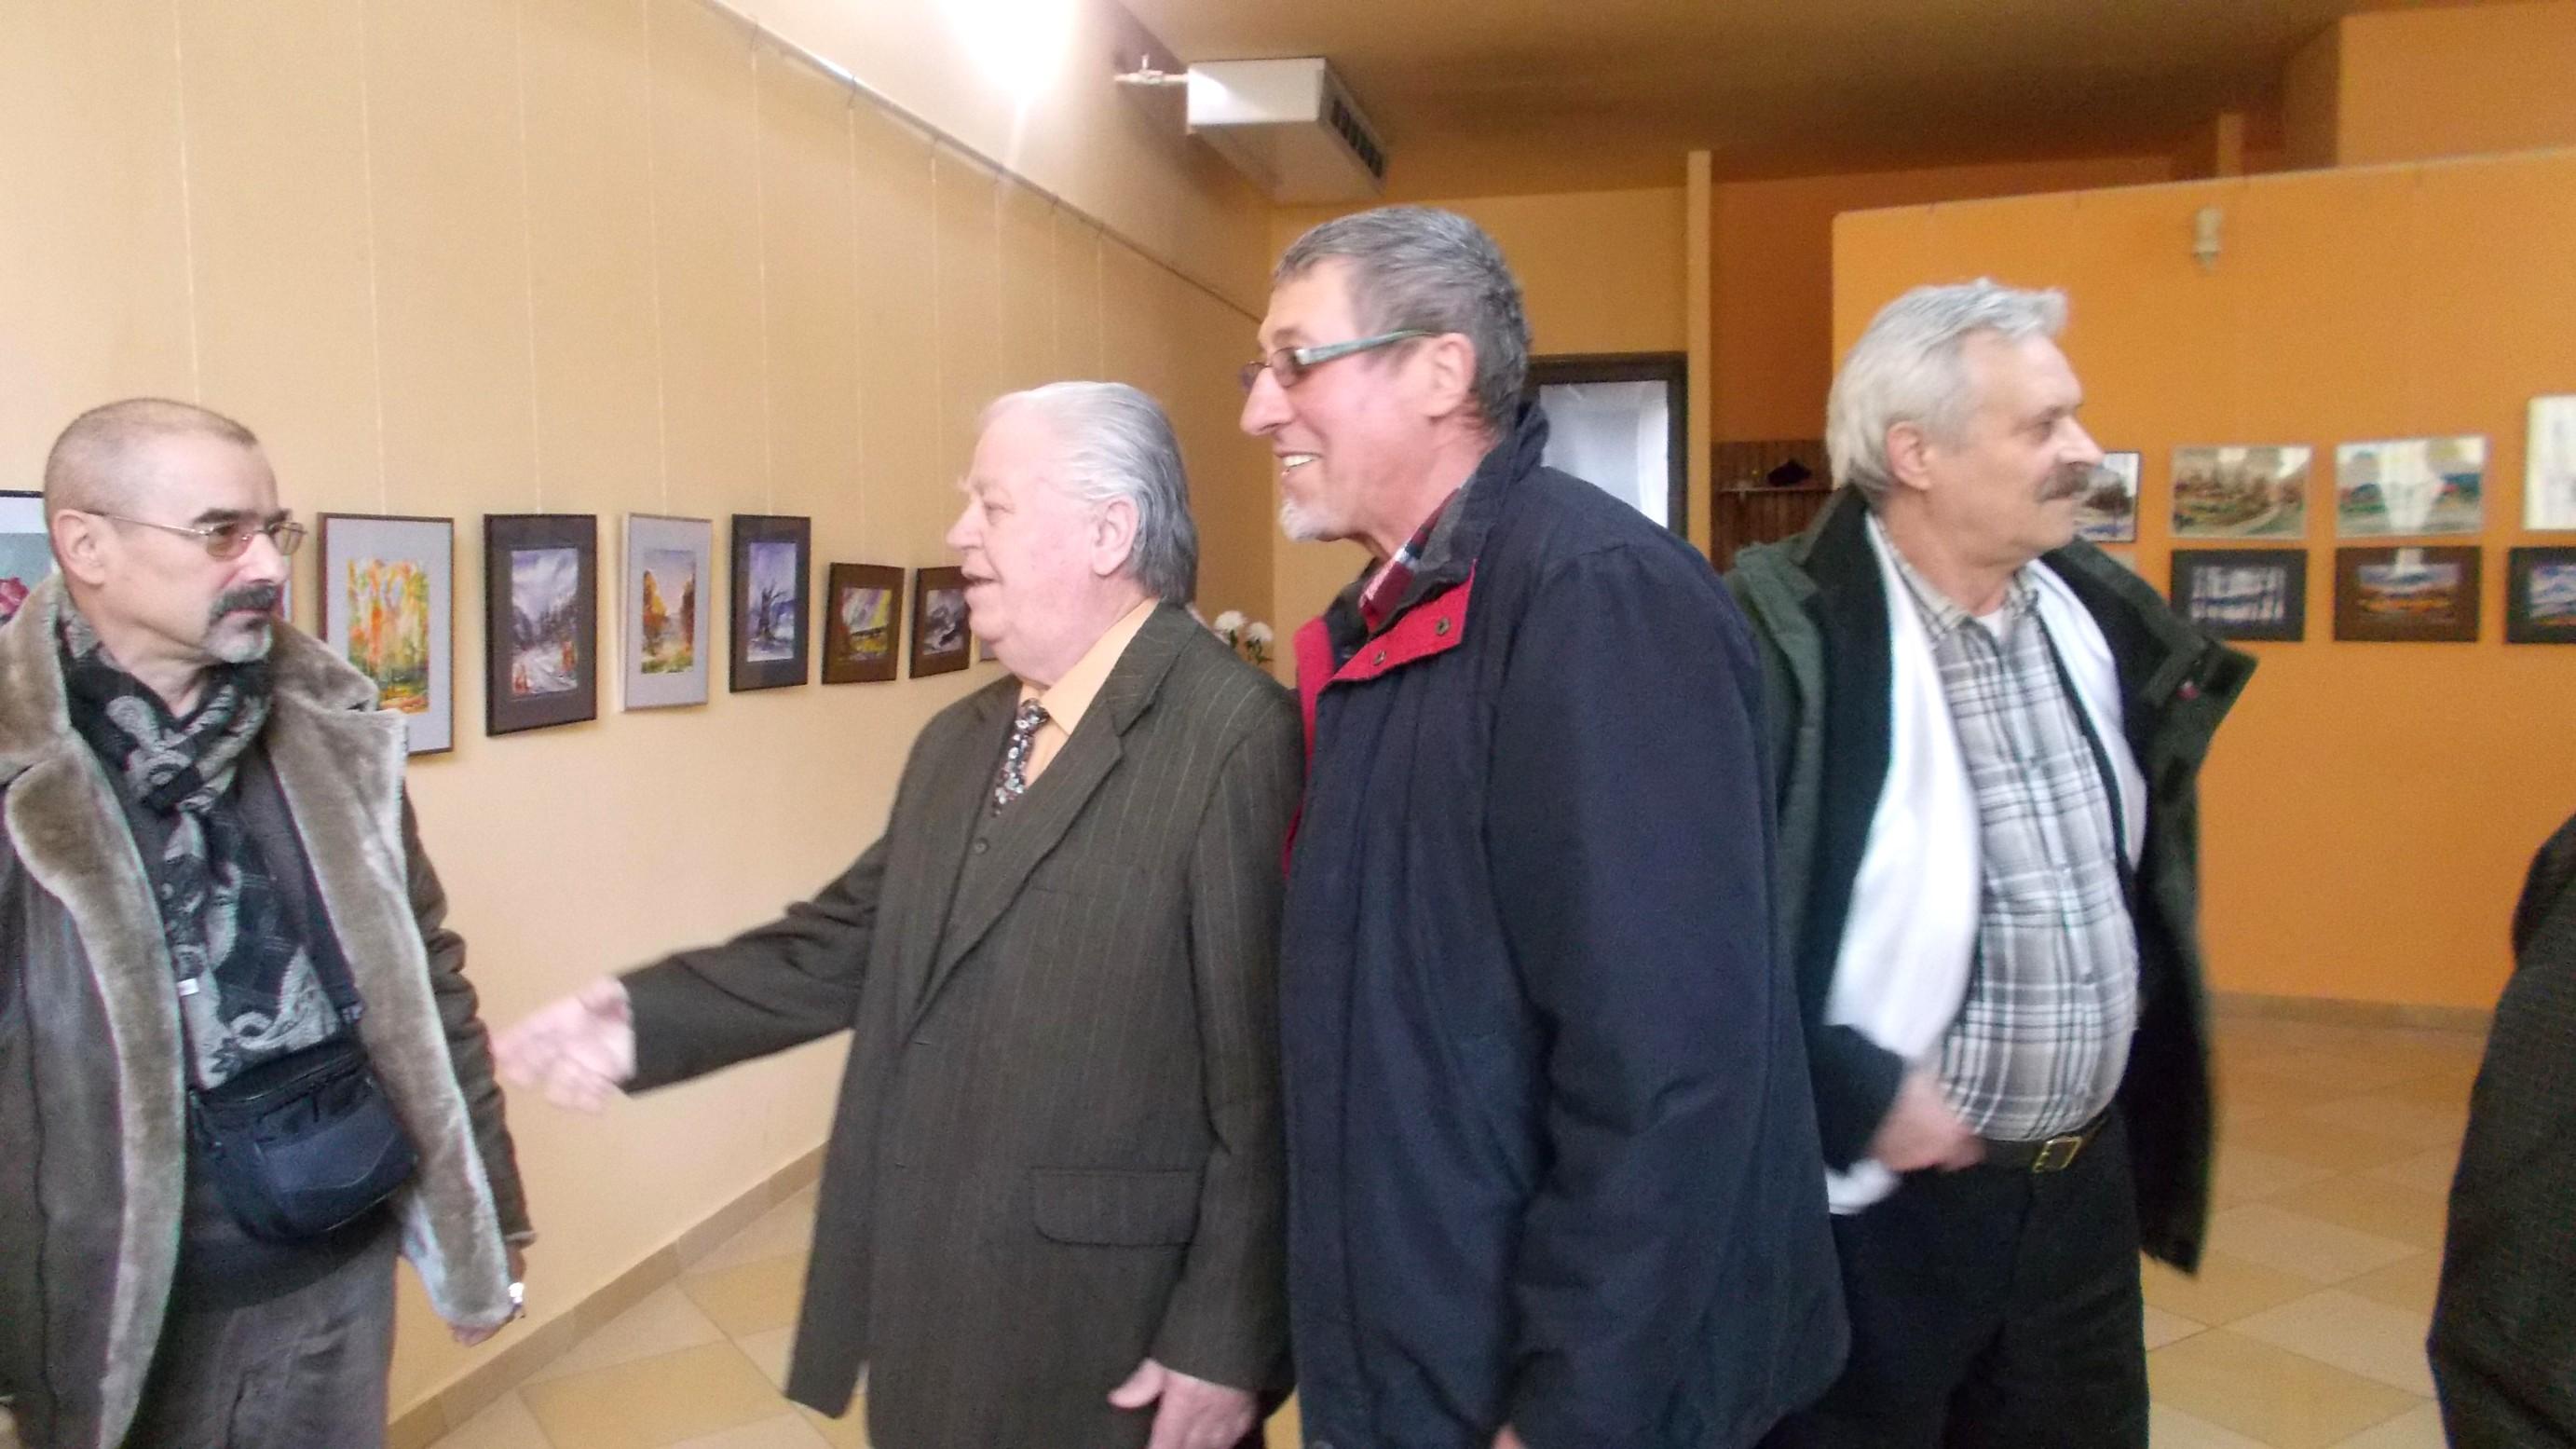 Tiberiu Cosovan, Emil Ianuş, Toader Ignătescu şi Vasile Angel Siminiuc